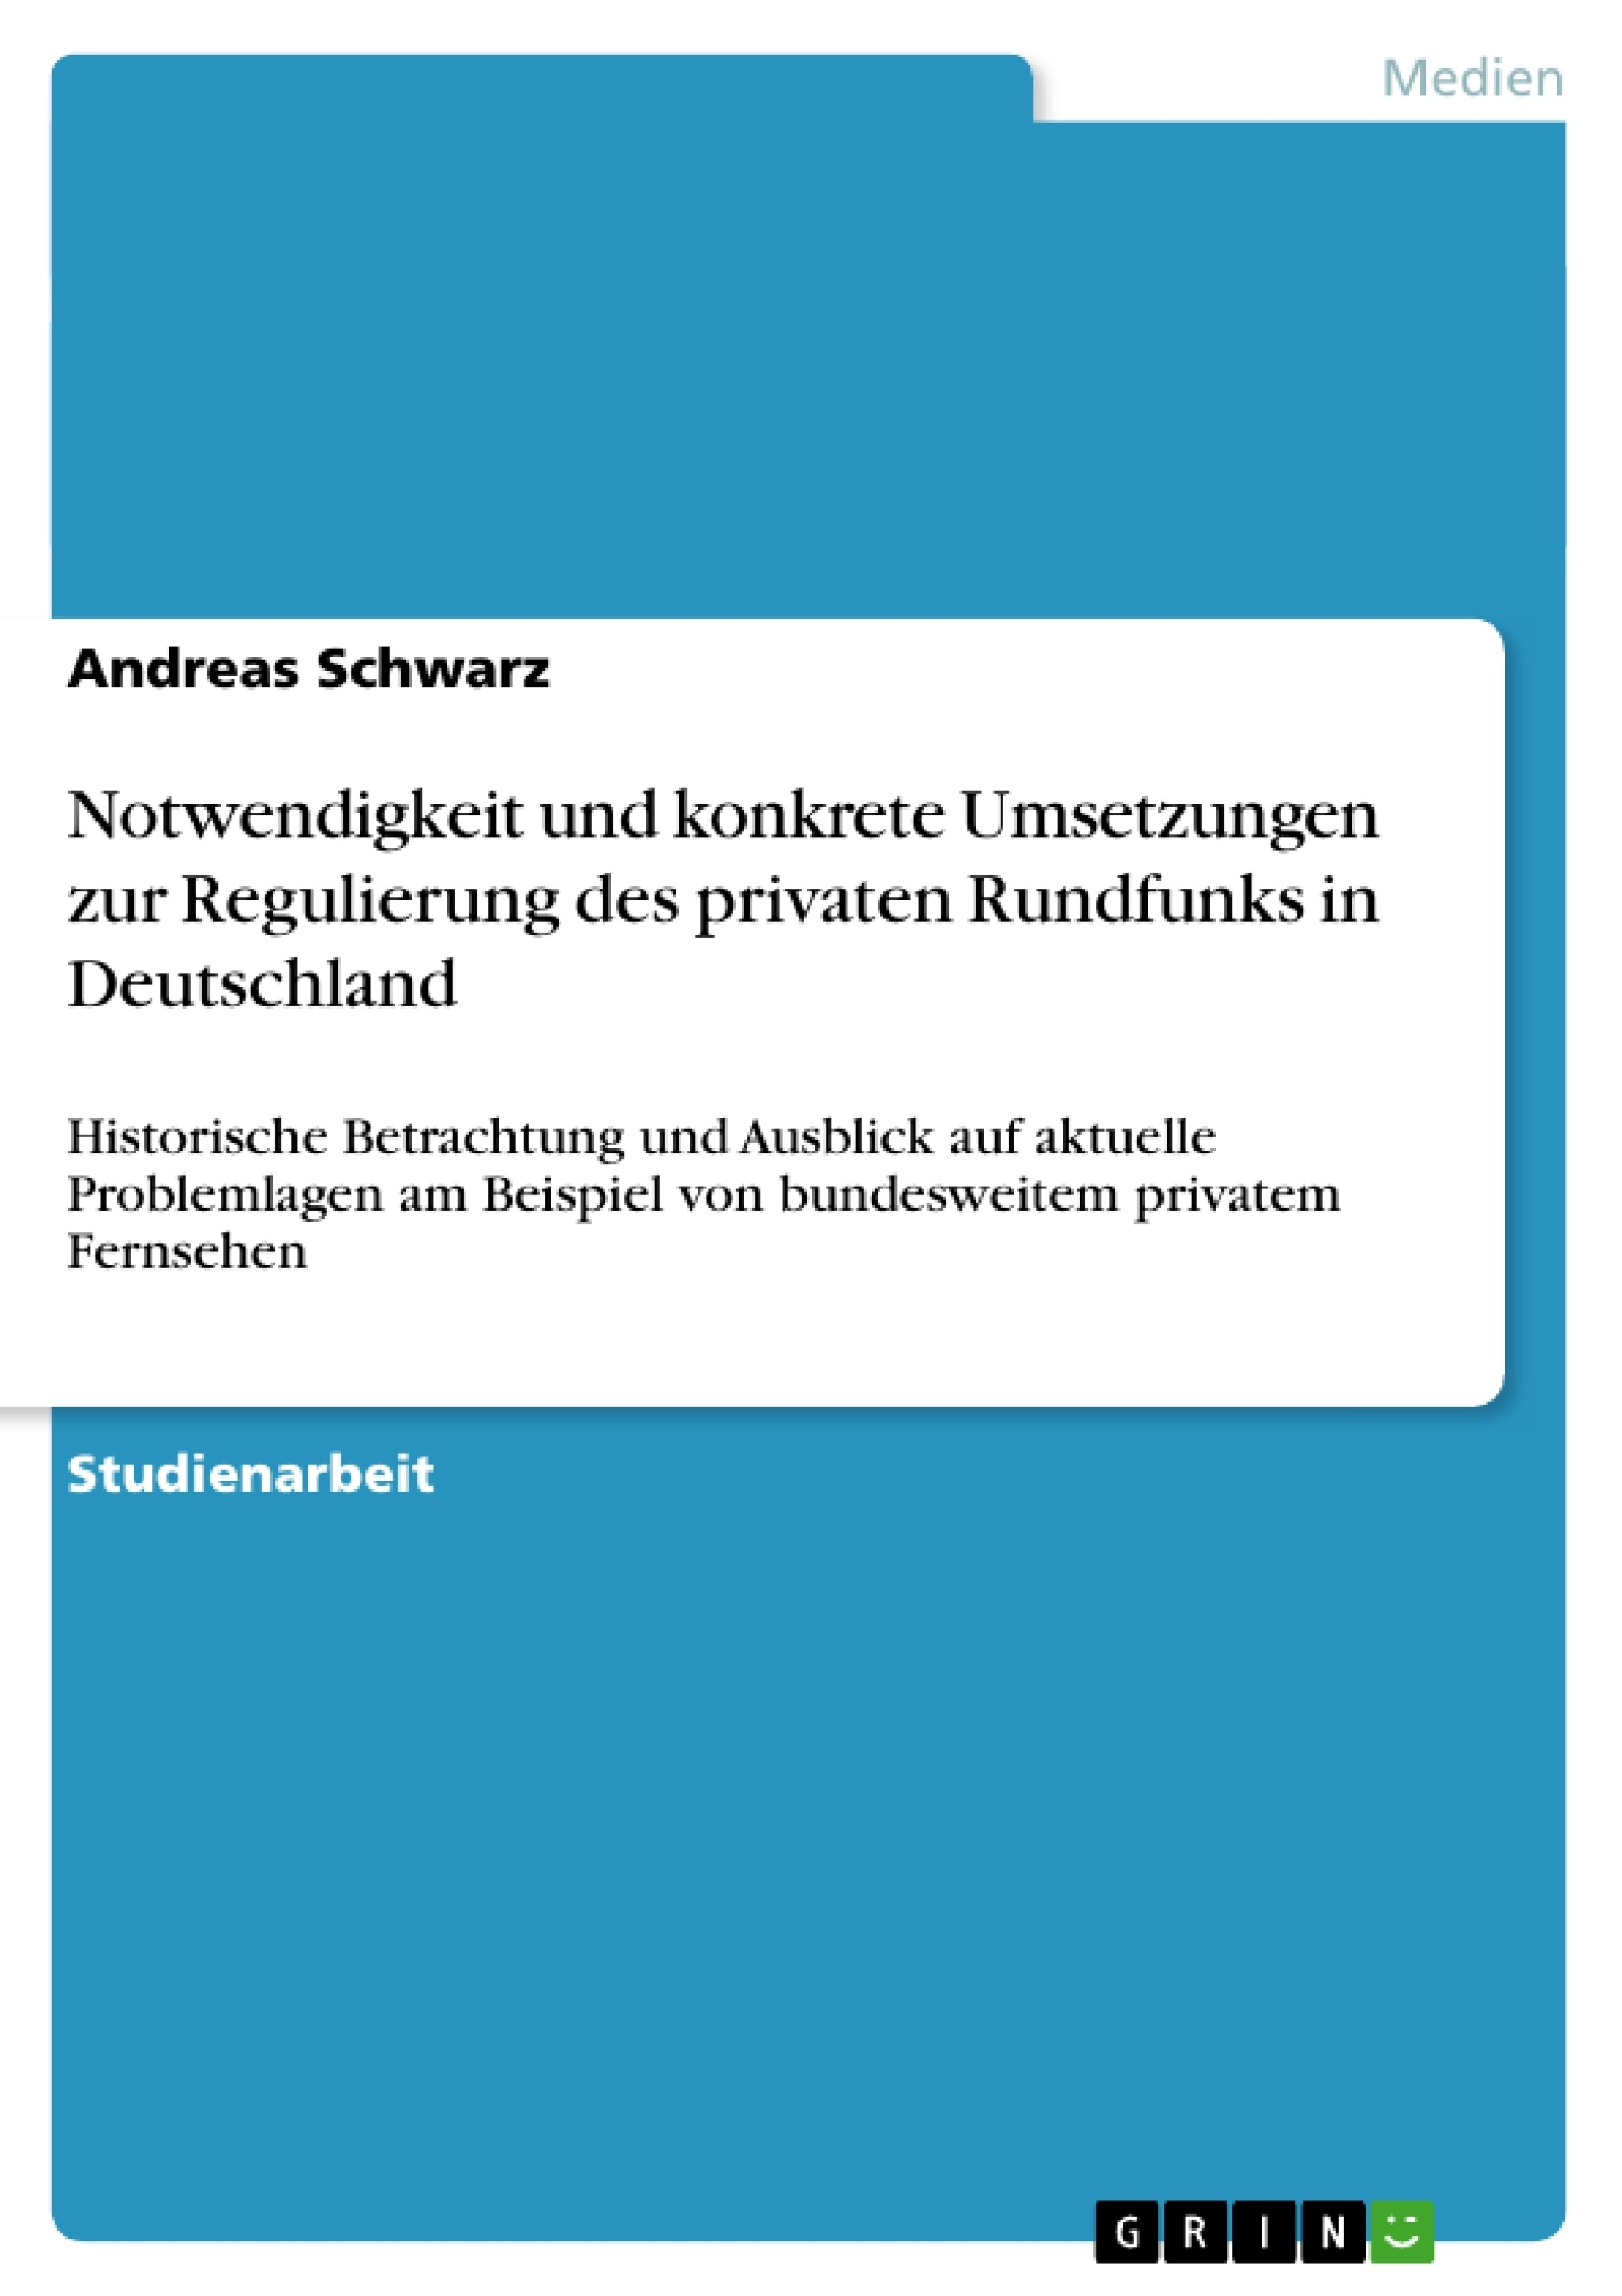 Titel: Notwendigkeit und konkrete Umsetzungen zur Regulierung des privaten Rundfunks in Deutschland